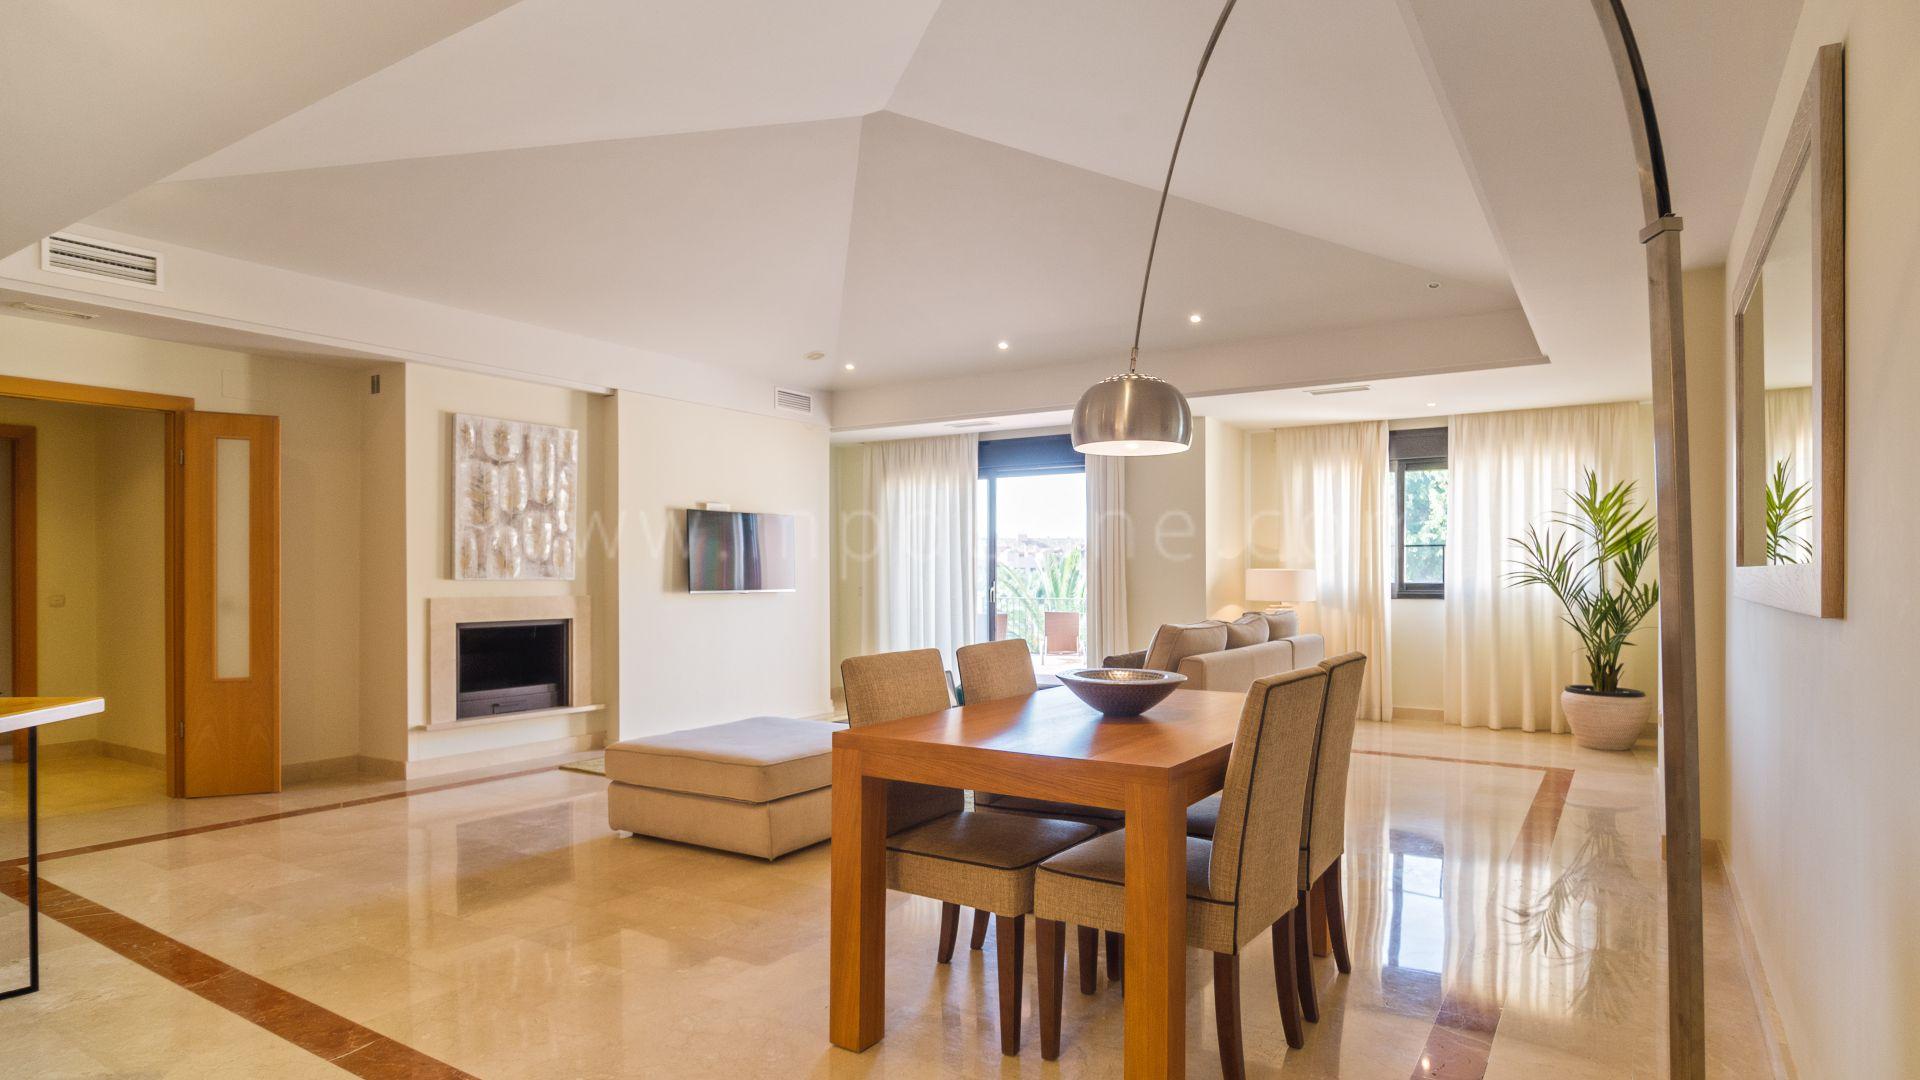 wohnung zum verkauf in marbella puerto banus. Black Bedroom Furniture Sets. Home Design Ideas